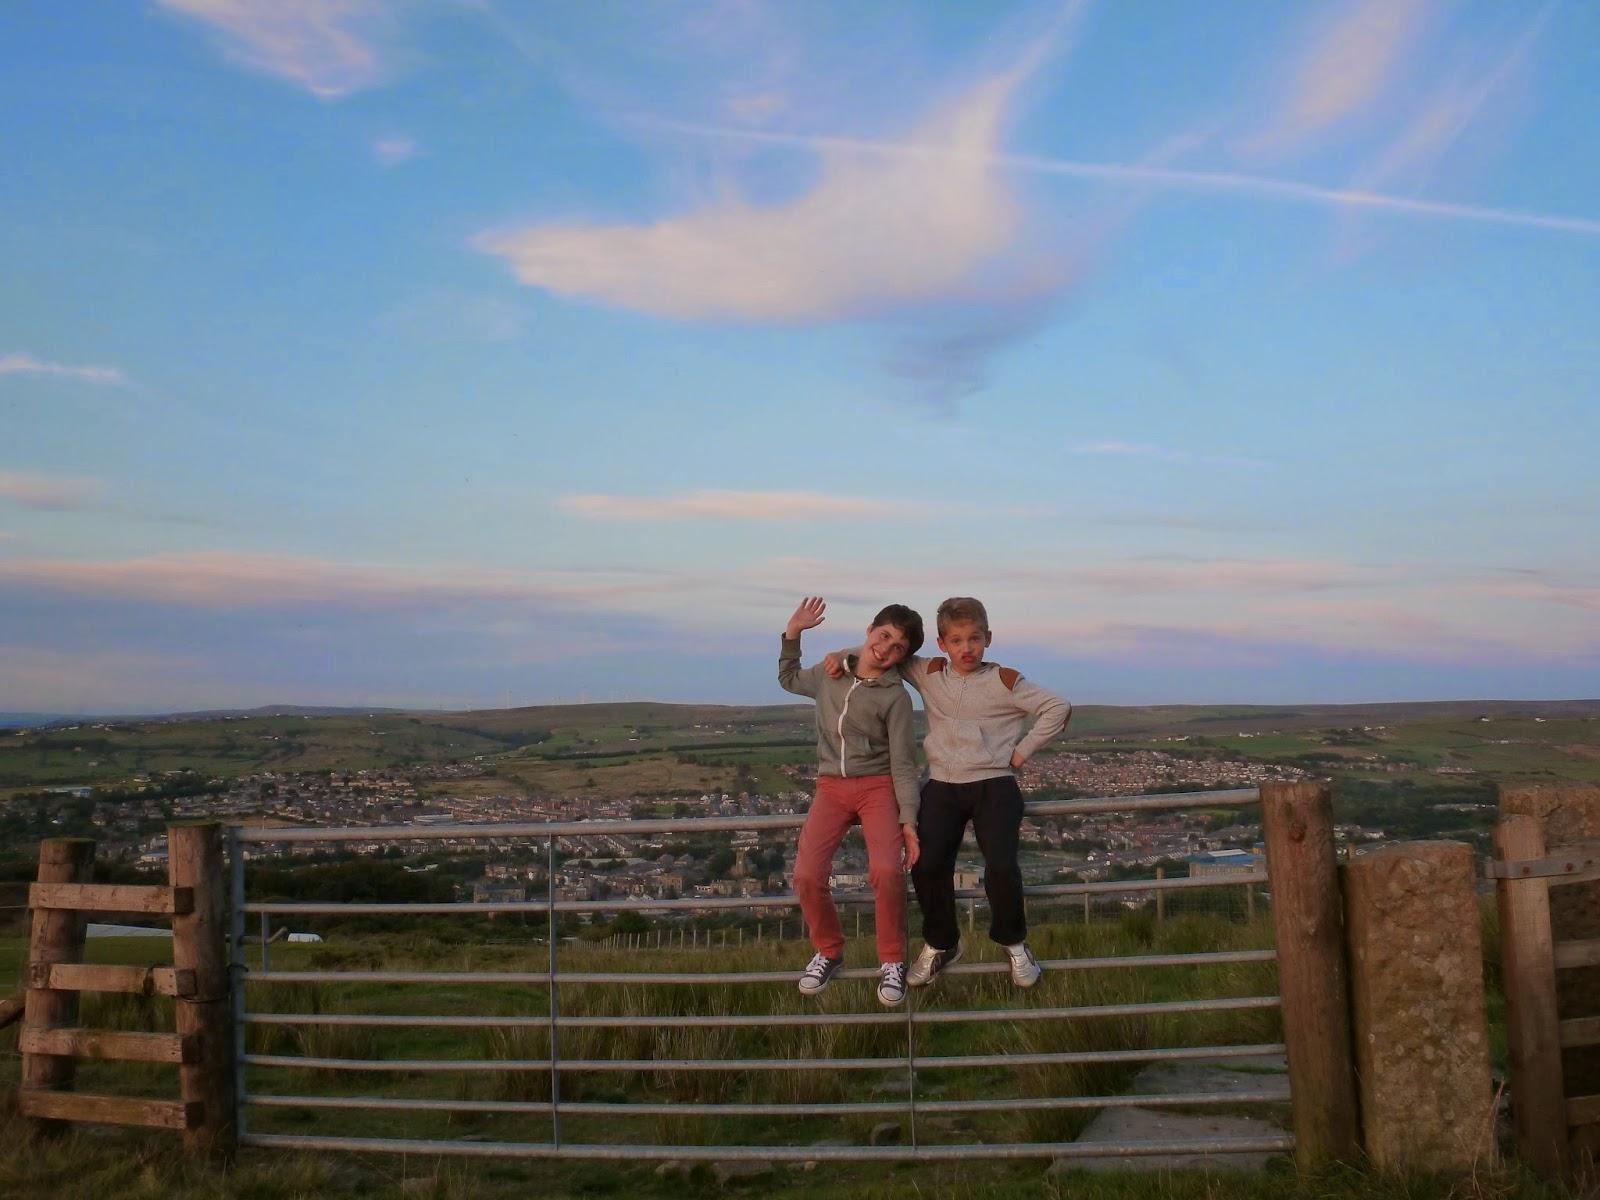 boys sitting on fence